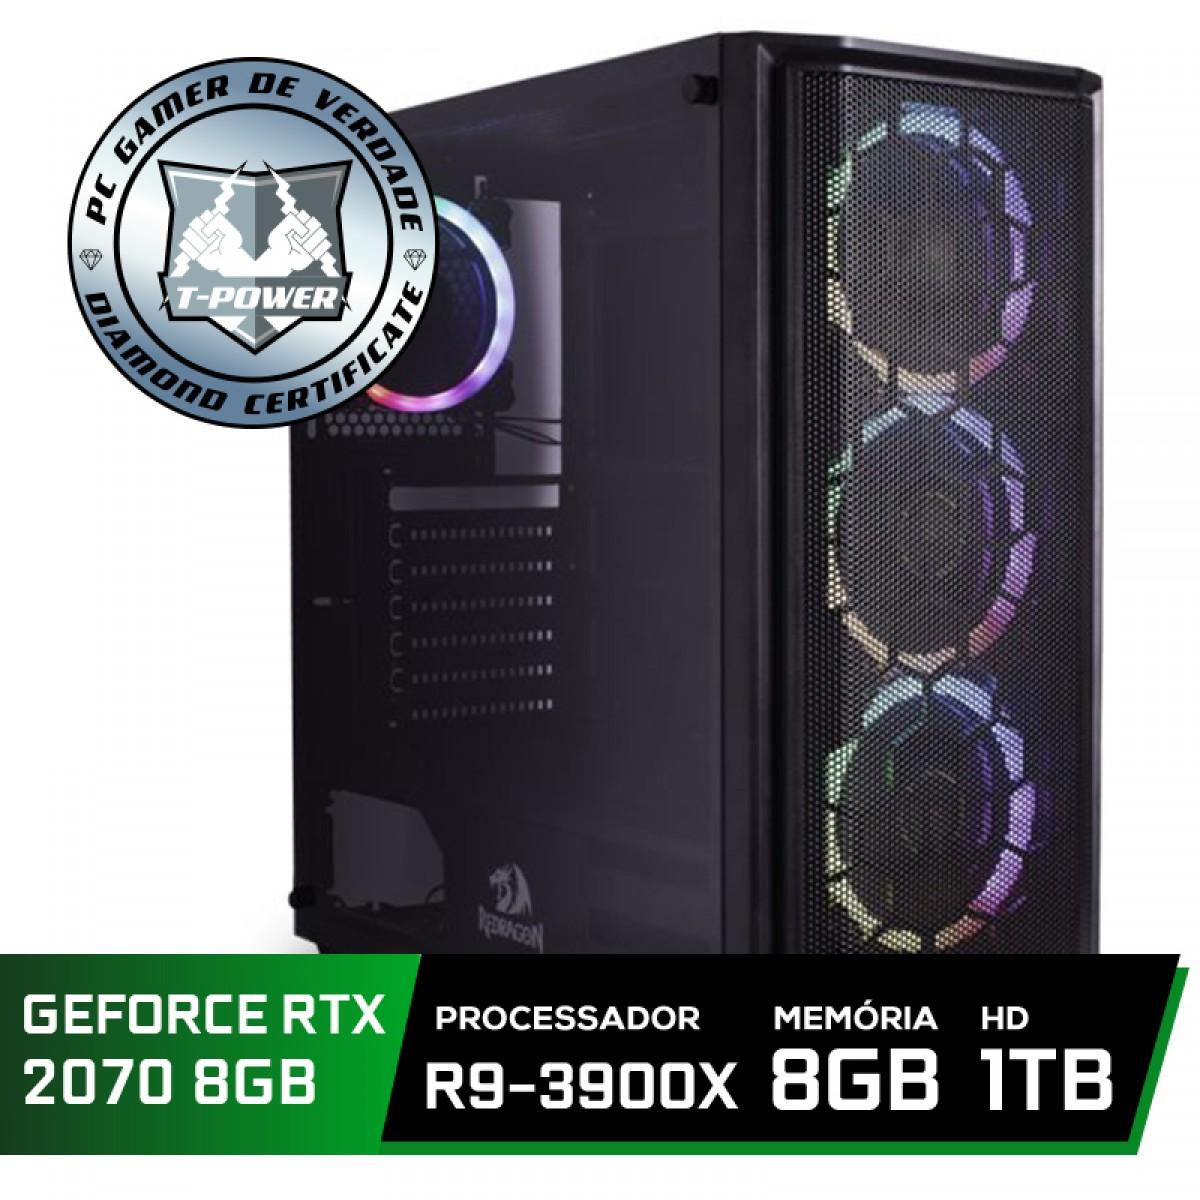 Pc Gamer Super Tera Edition AMD Ryzen 9 3900X / GeForce RTX 2070 / DDR4 8GB / HD 1TB / 600W